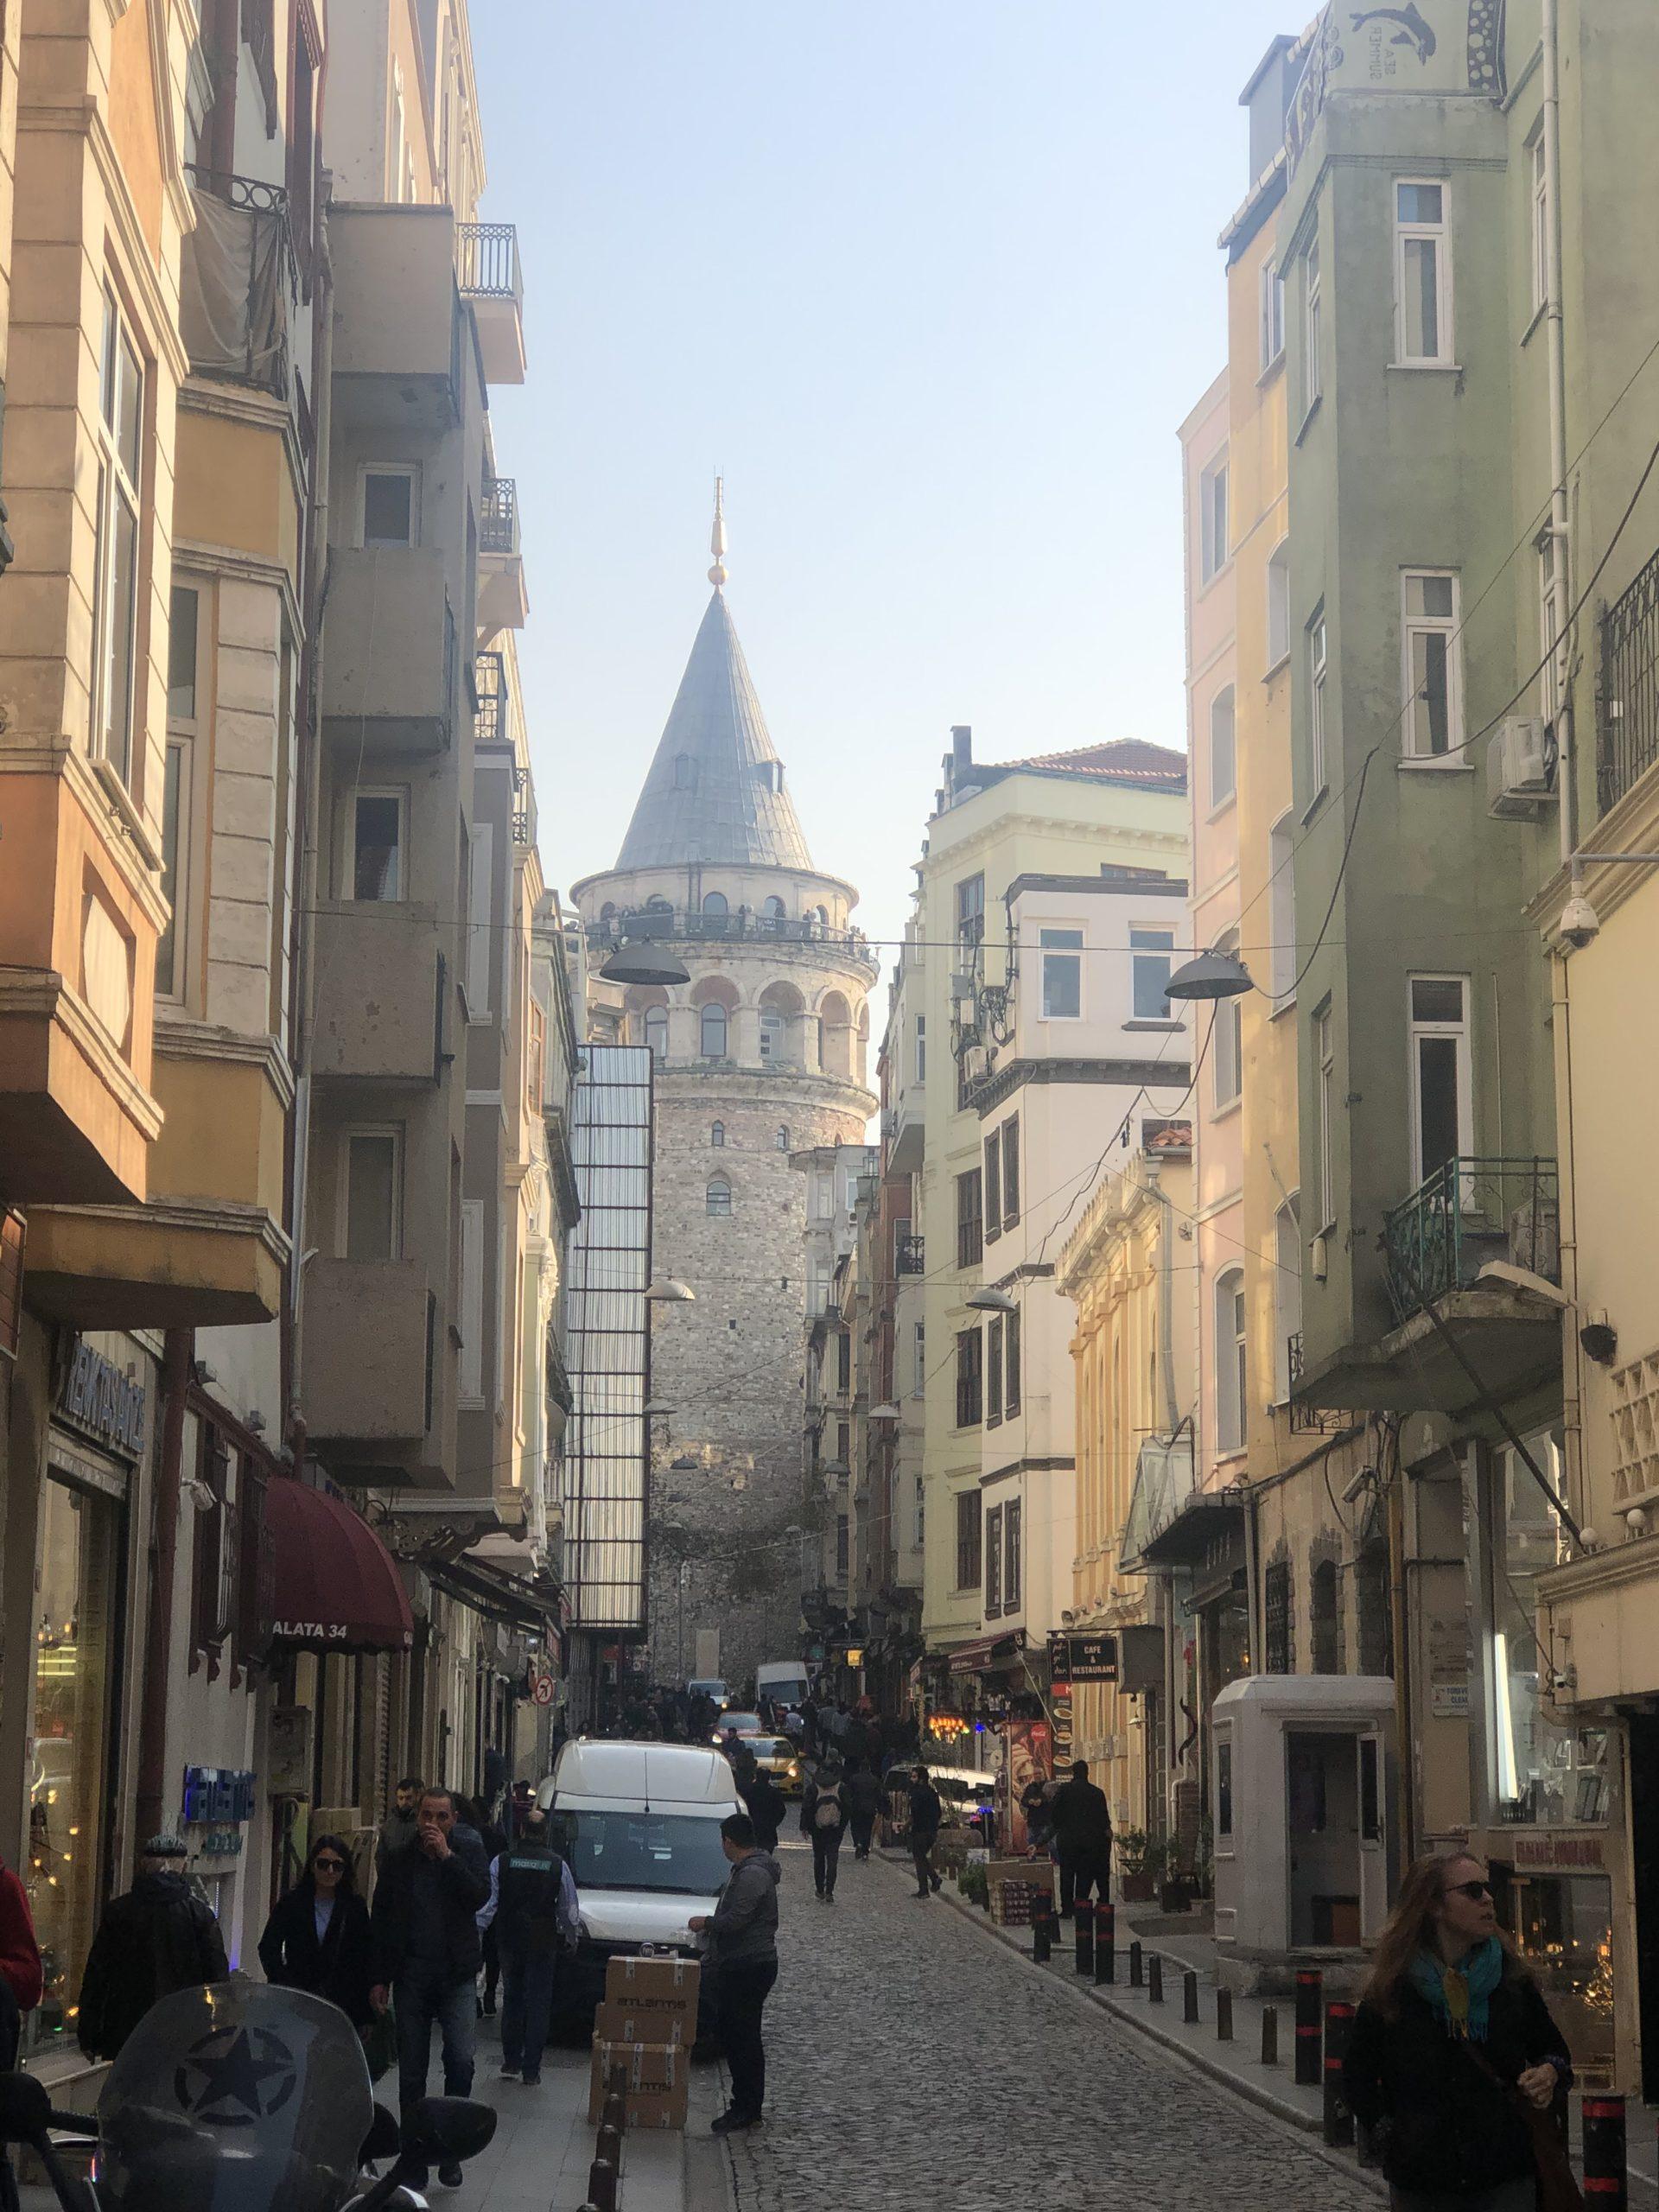 In der 9. Etage befindet sich ein Restaurant. Von hier aus kannst du einen 360 Grad Panorama-Blick auf die Stadt Istanbul geniessen.